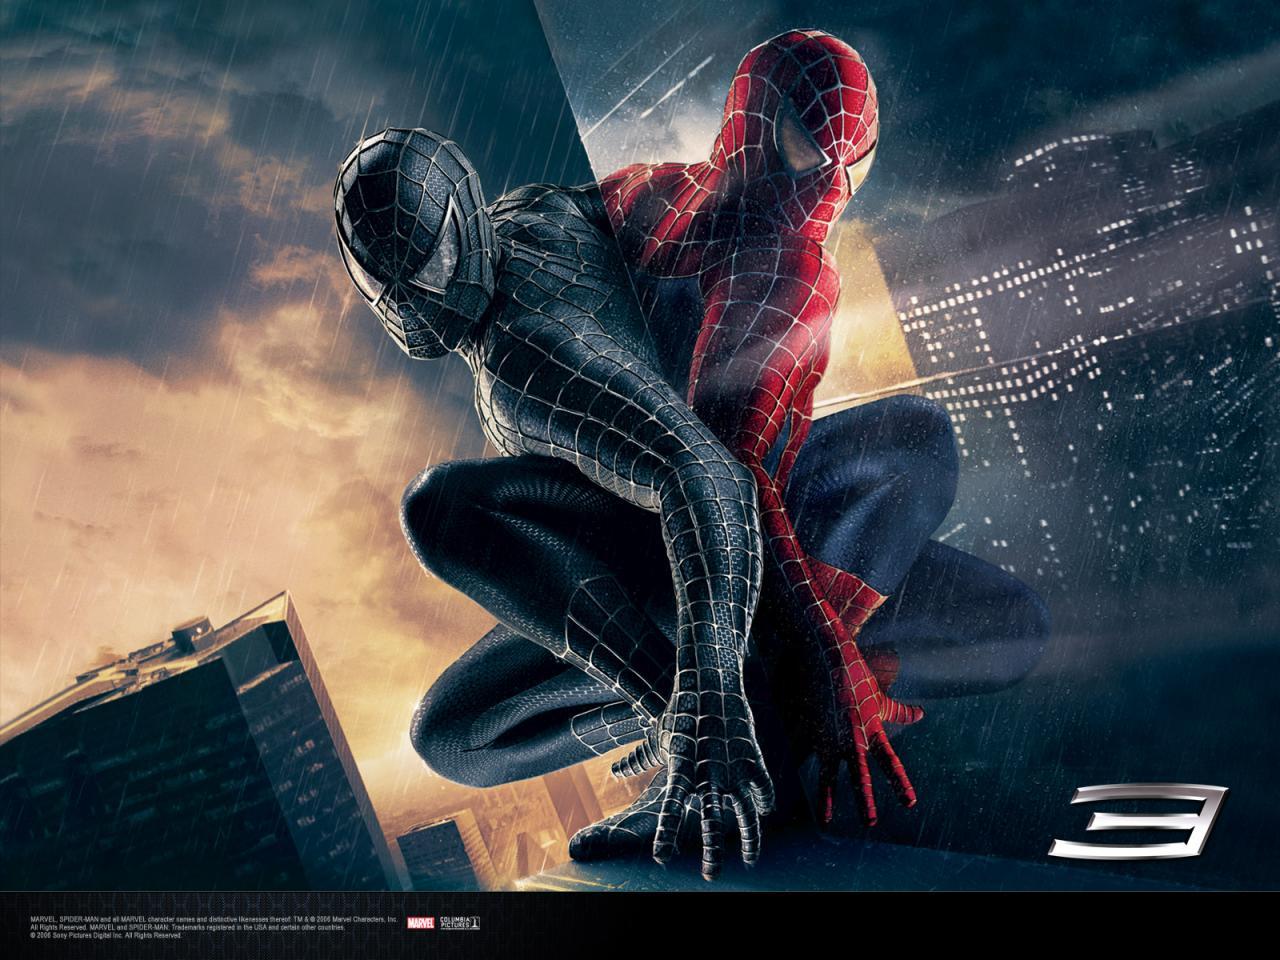 Wallpaper Peter Parker bon vs mauvais Spiderman